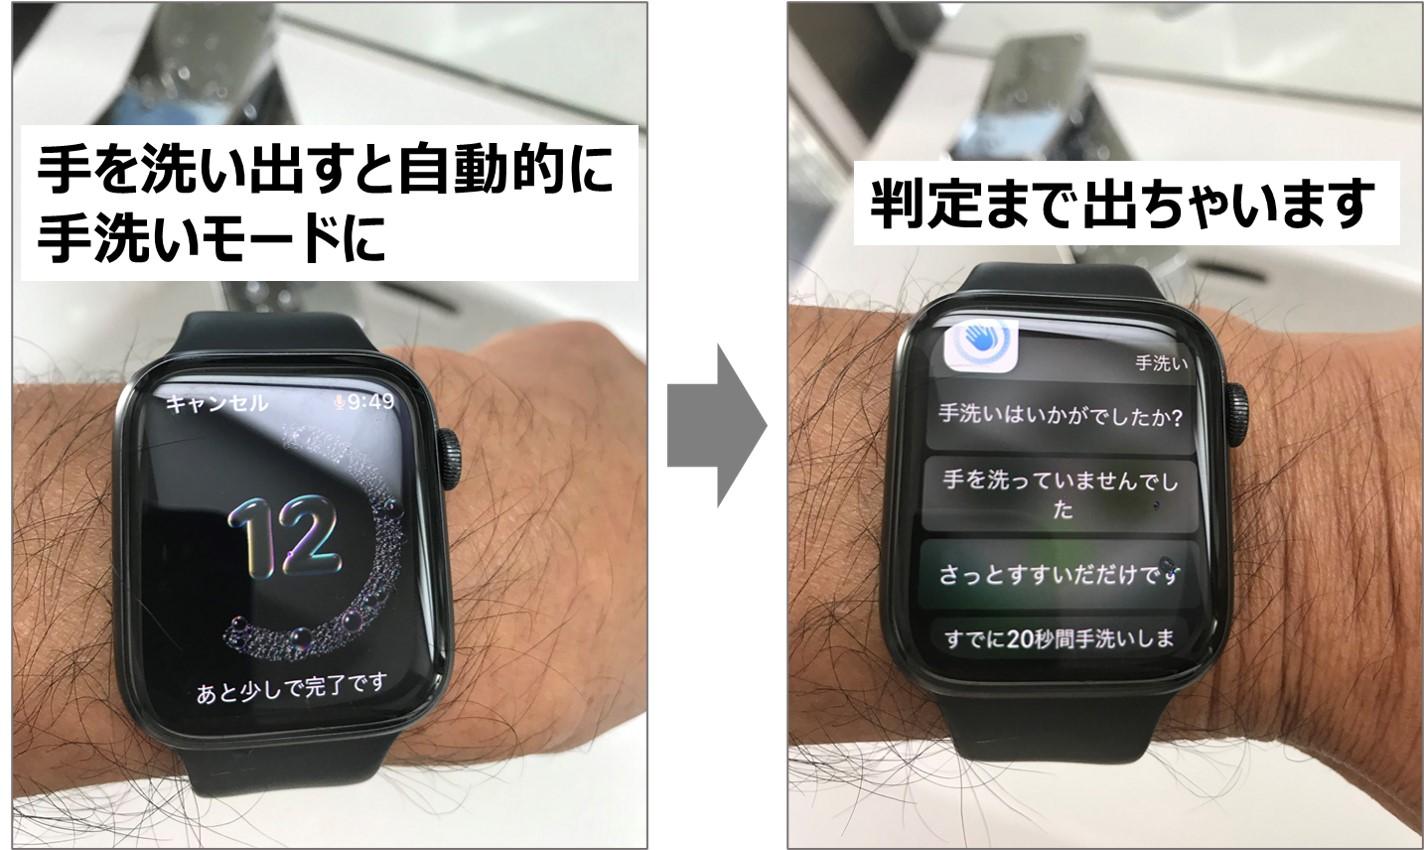 Apple watchで手を洗いましょう